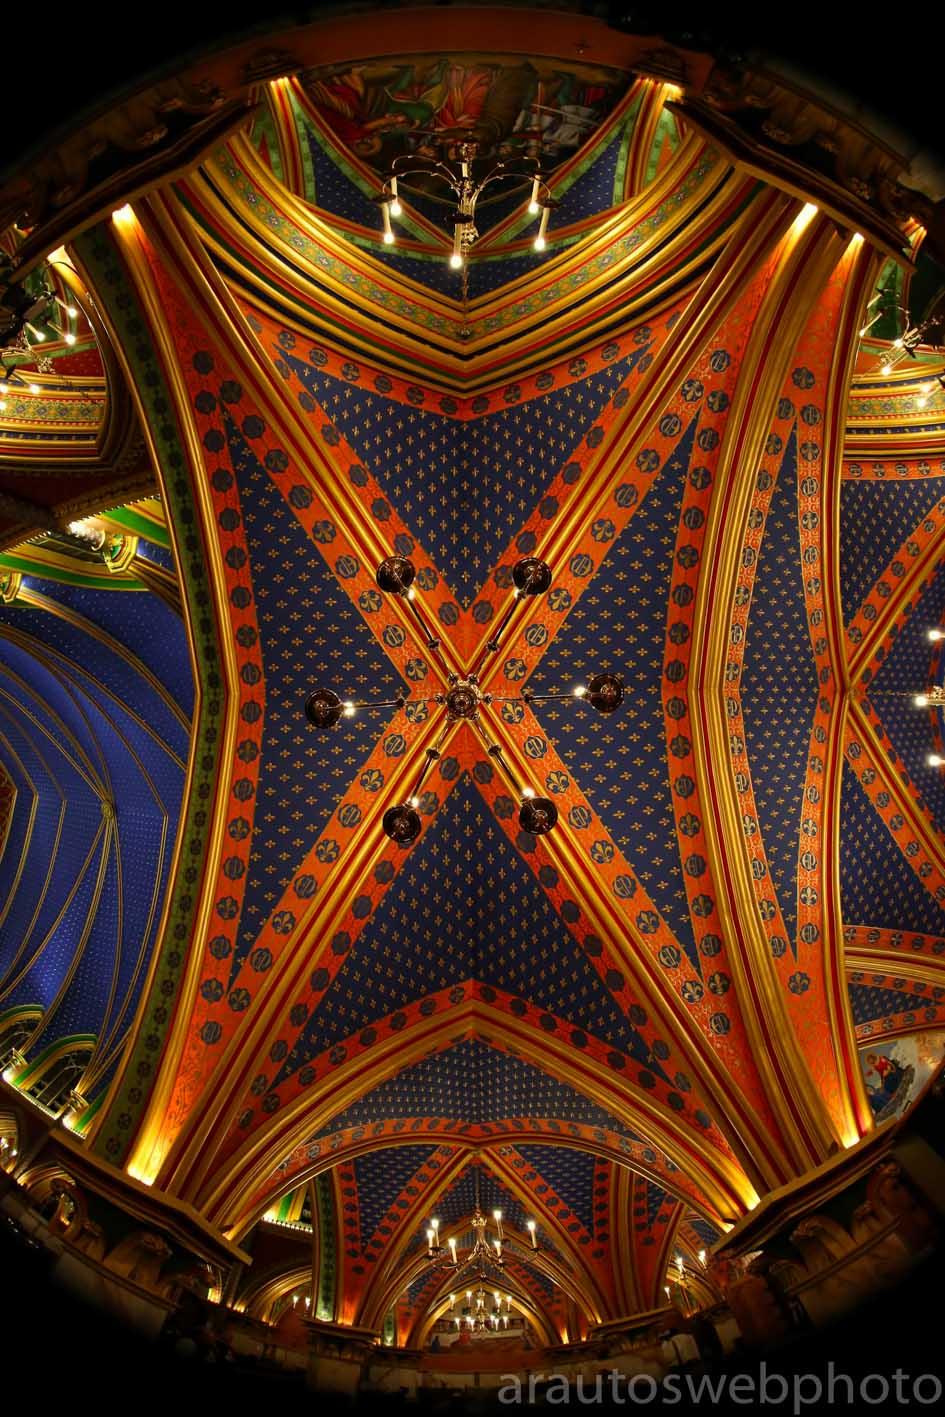 blog-arautos-do-evangelhoteto-gotico-da-igreja-dos-arautos-do-evangelho-na-serra-da-cantareira-basilica-nossa-senhora-do-rosario